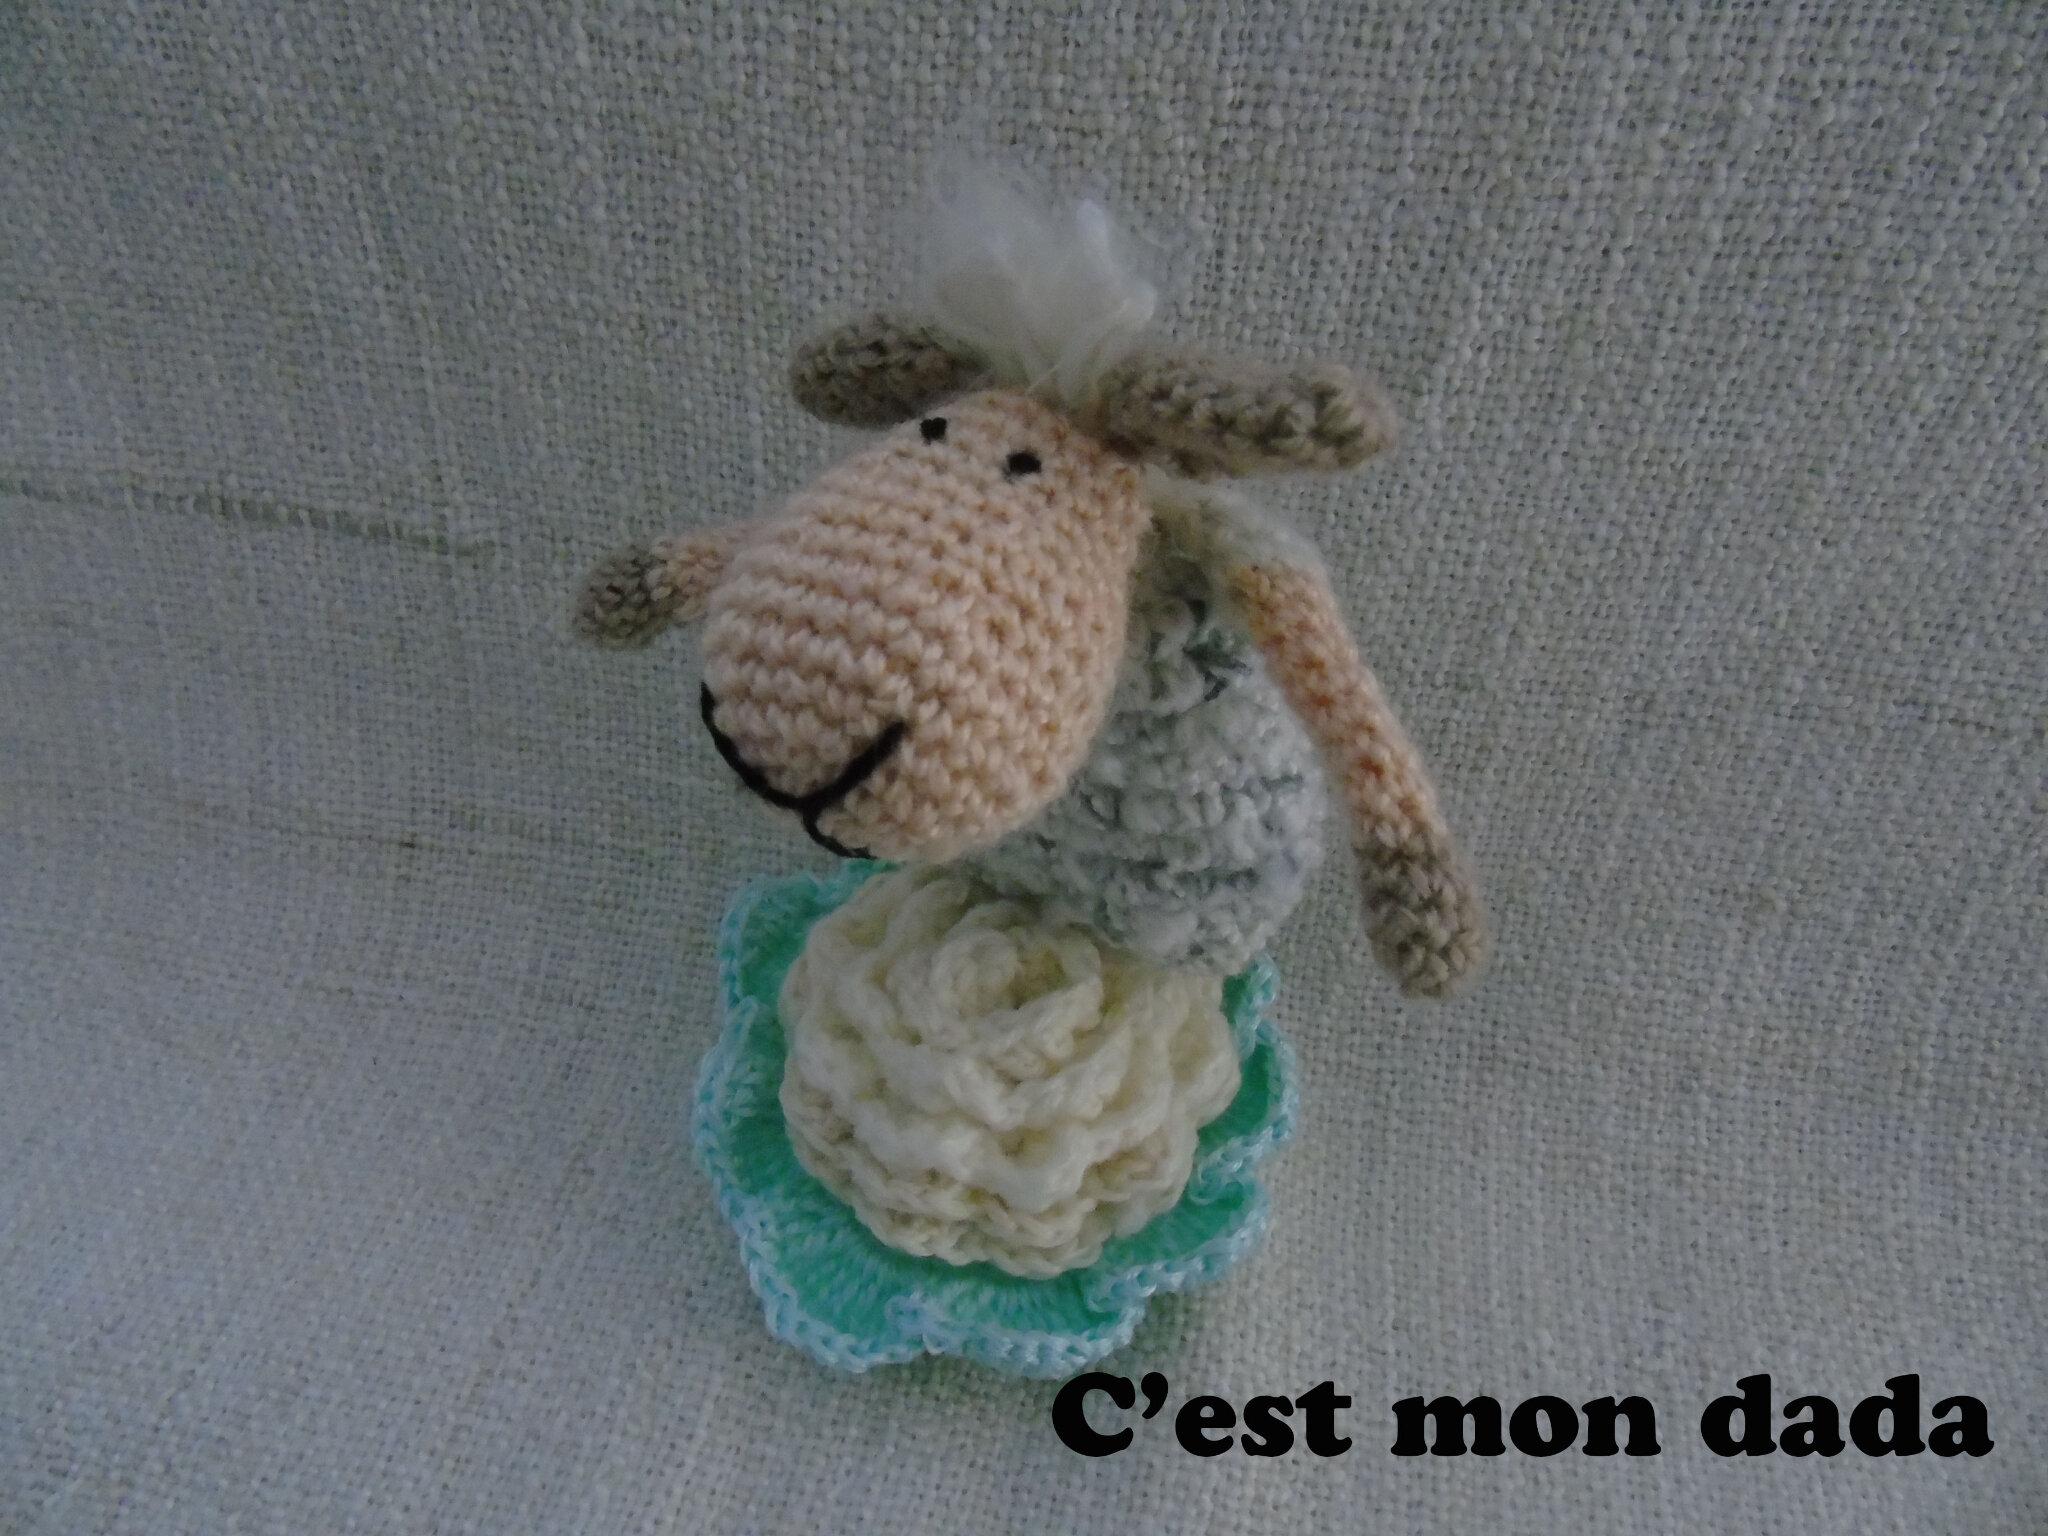 mouton c'est mon dada